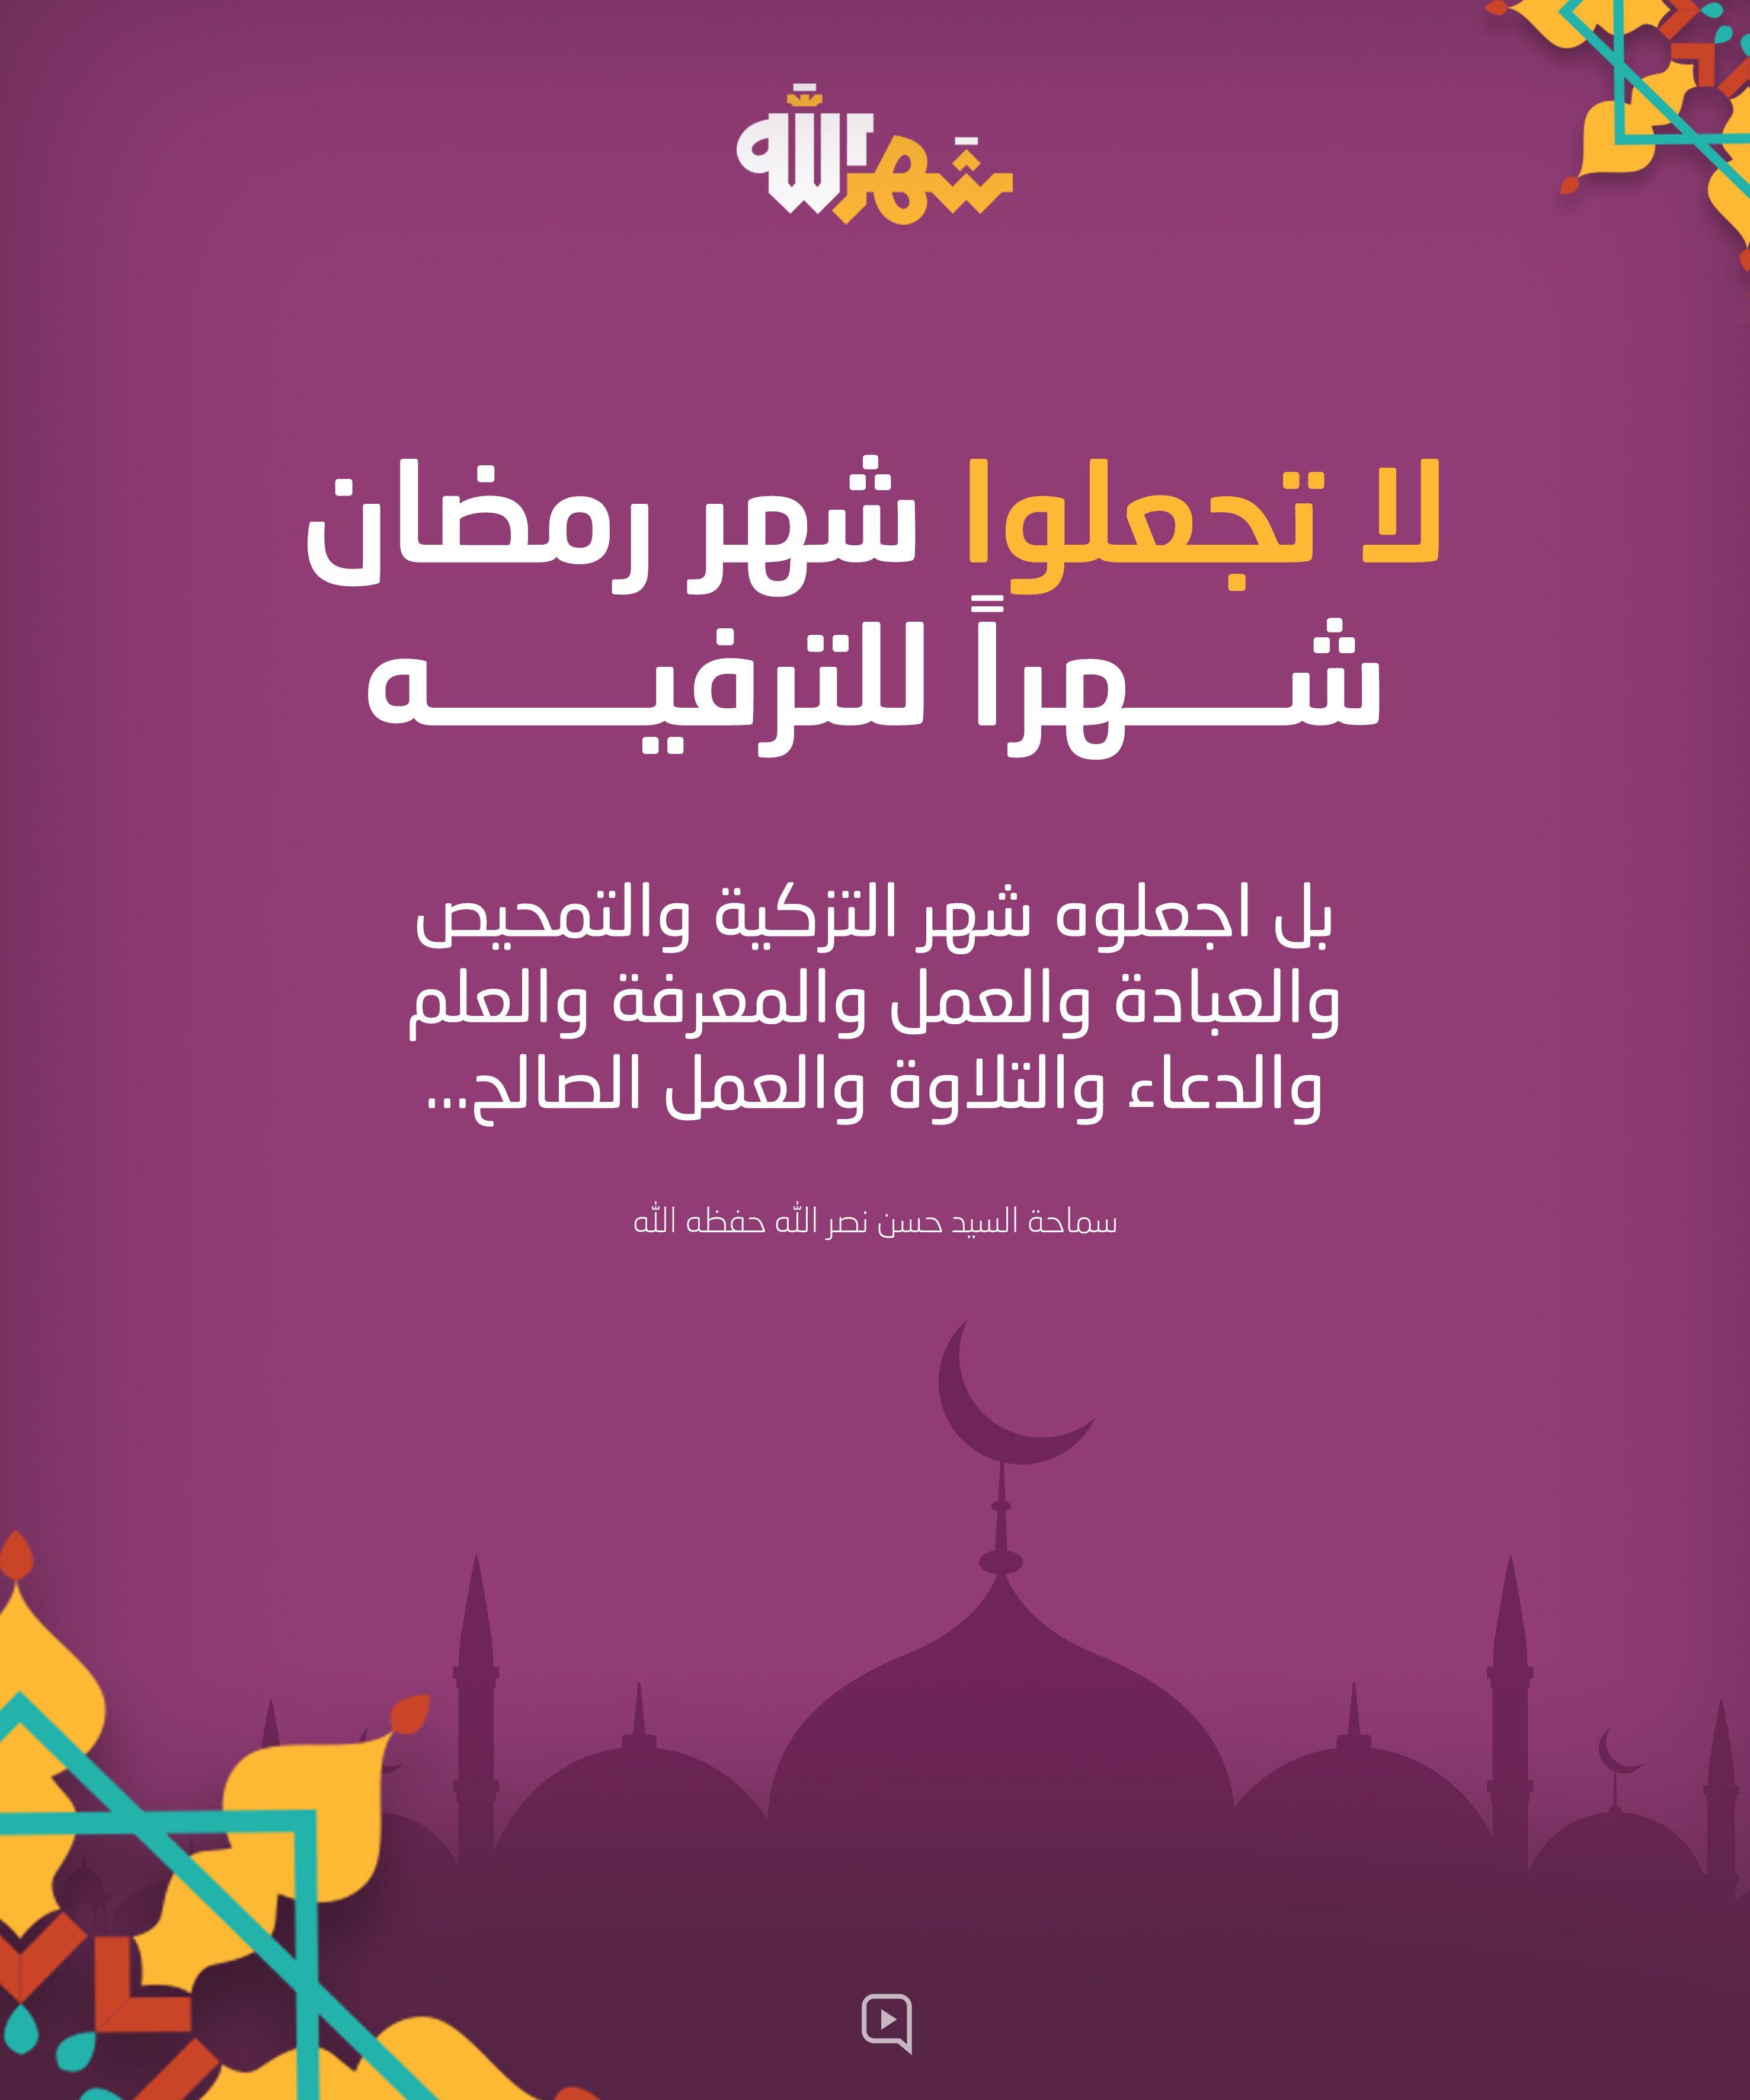 شهر رمضان Islam Movies